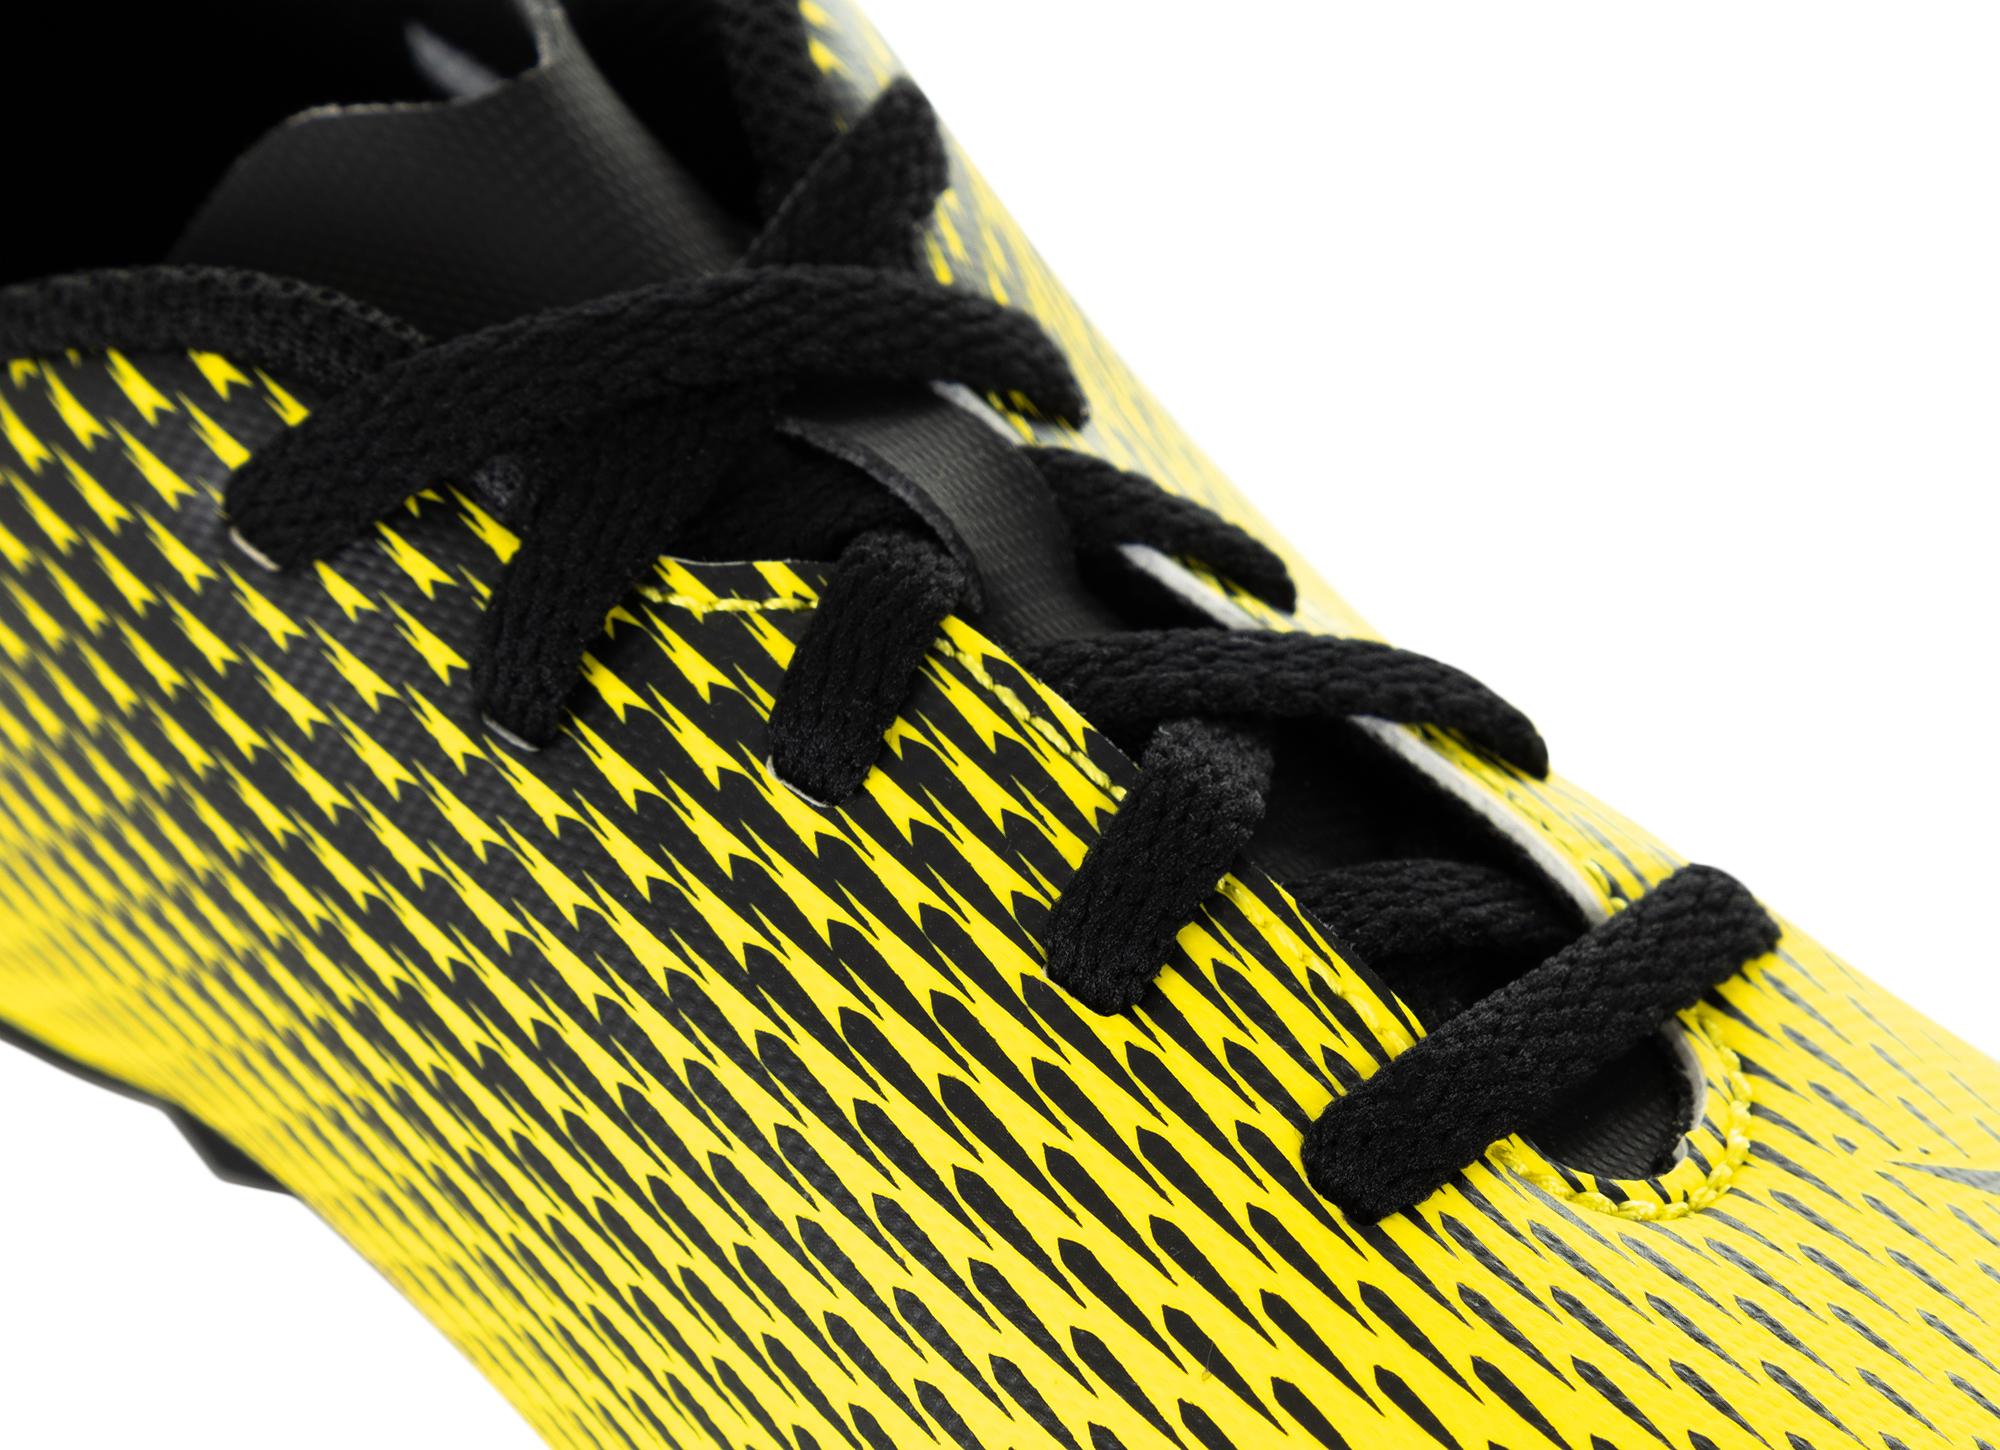 d60b510d9501 Футбольные бутсы Nike - каталог цен, где купить в интернет-магазинах ...